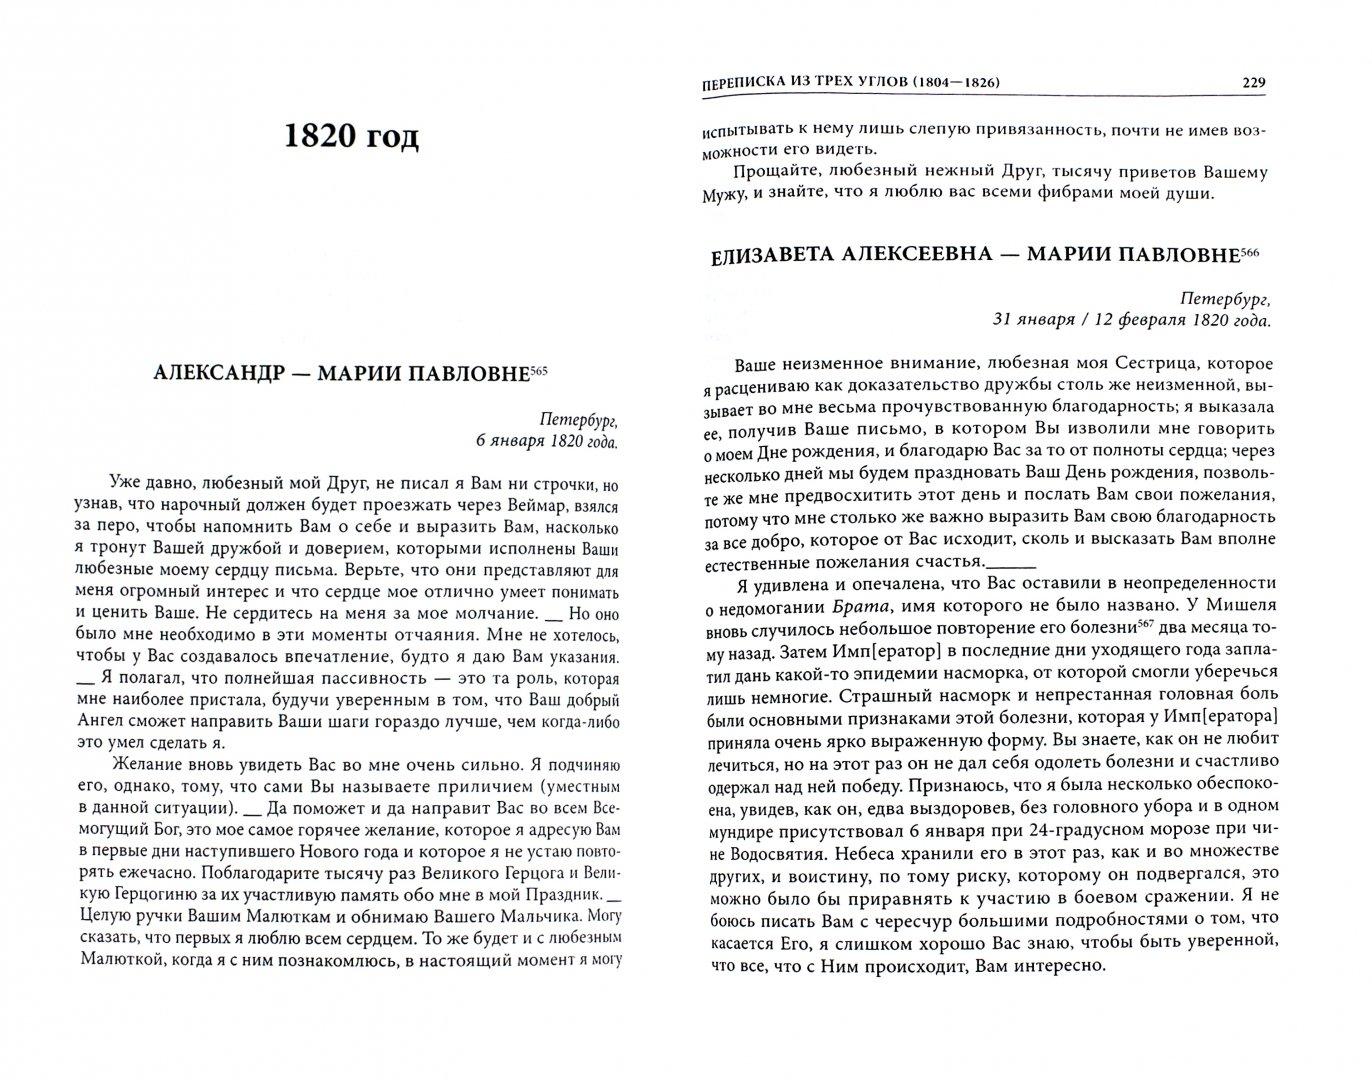 Иллюстрация 1 из 10 для Александр I, Мария Павловна, Елизавета Алексеевна. Переписка из трех углов (1804-1826) | Лабиринт - книги. Источник: Лабиринт